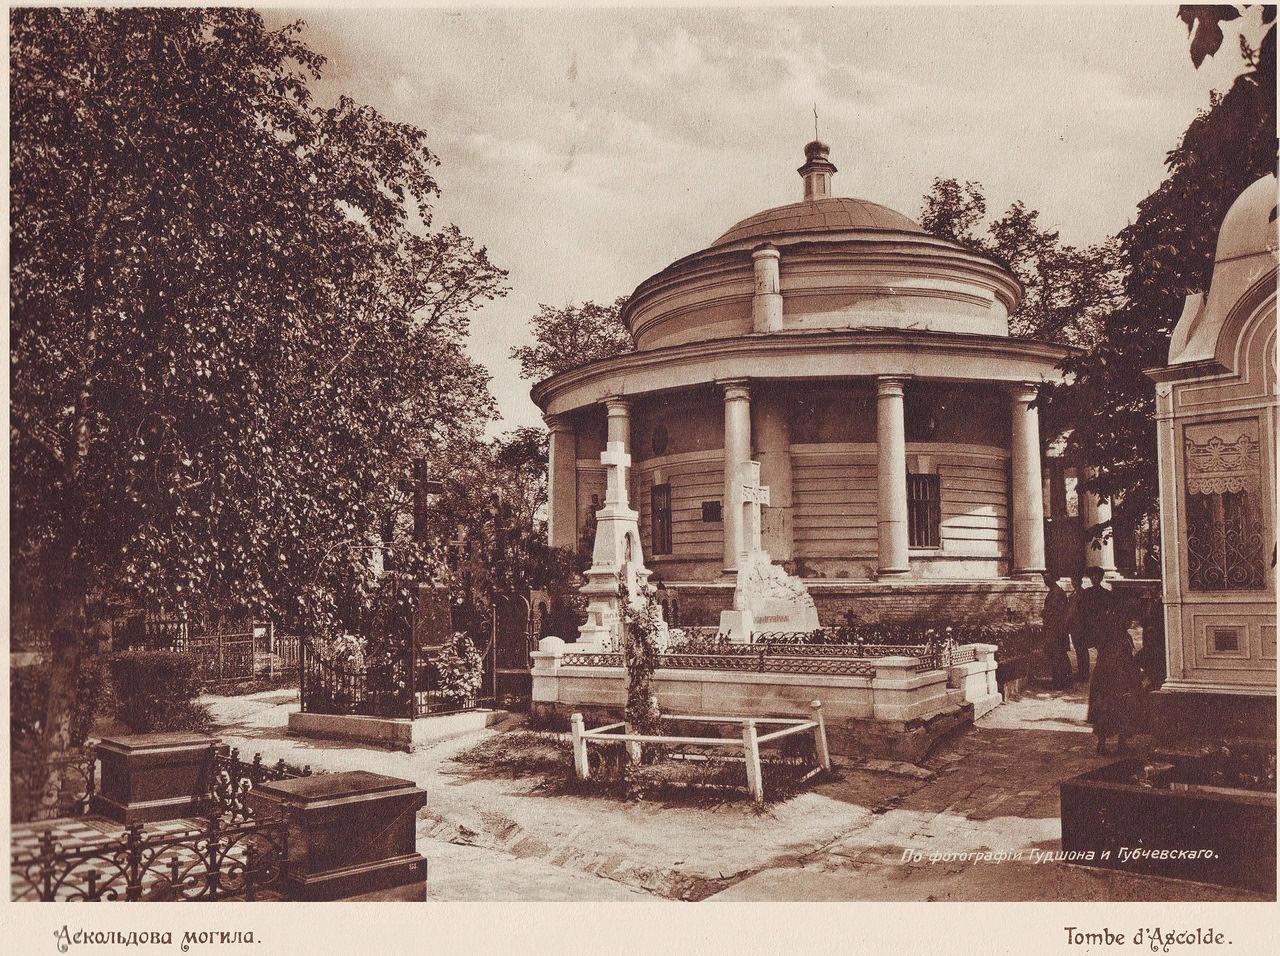 Аскольдова могила. Кладбище для знаменитых